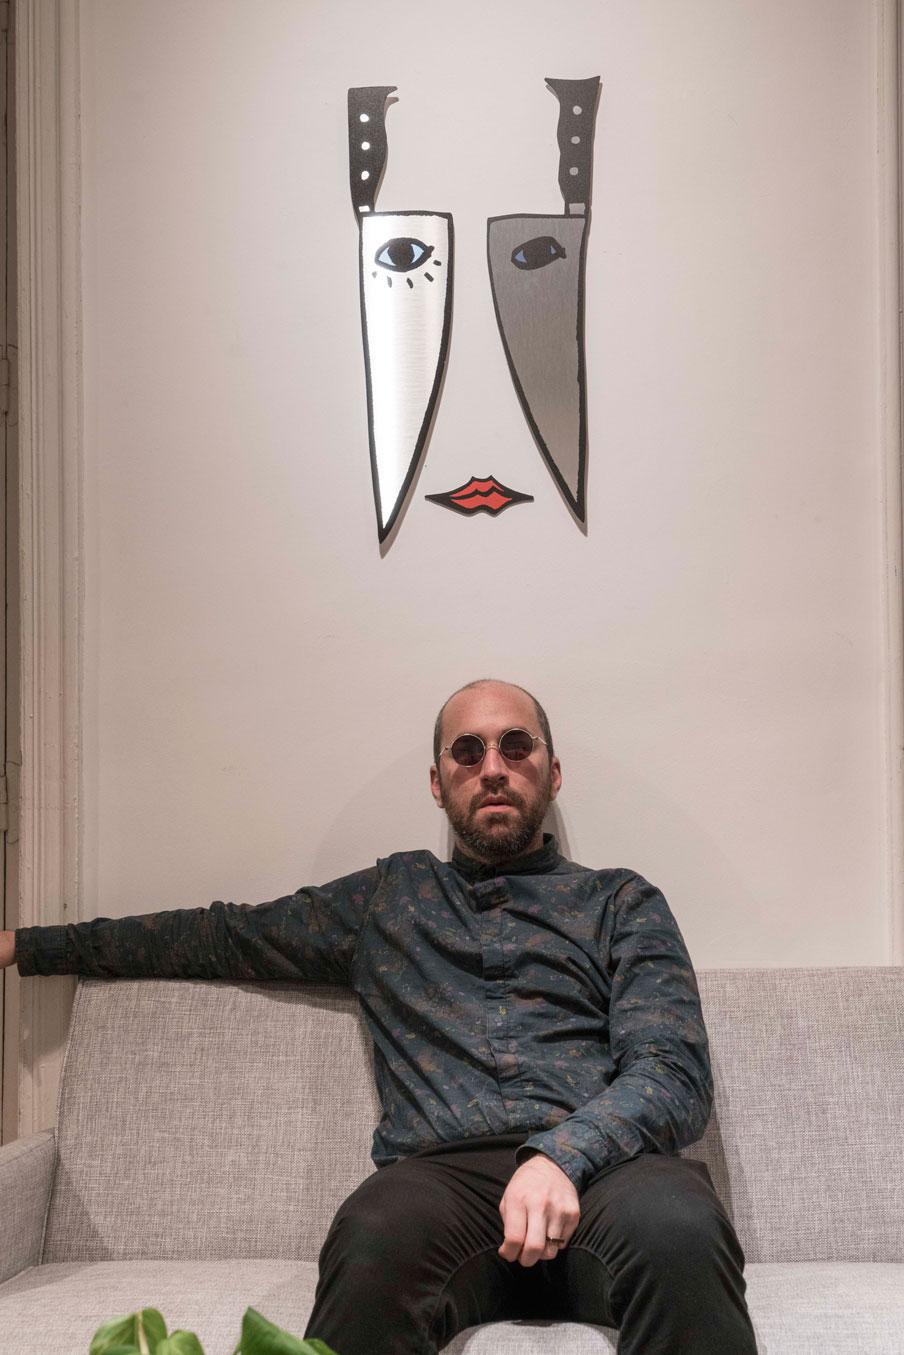 luigi-cuchillo-knife-01.jpg.jpg